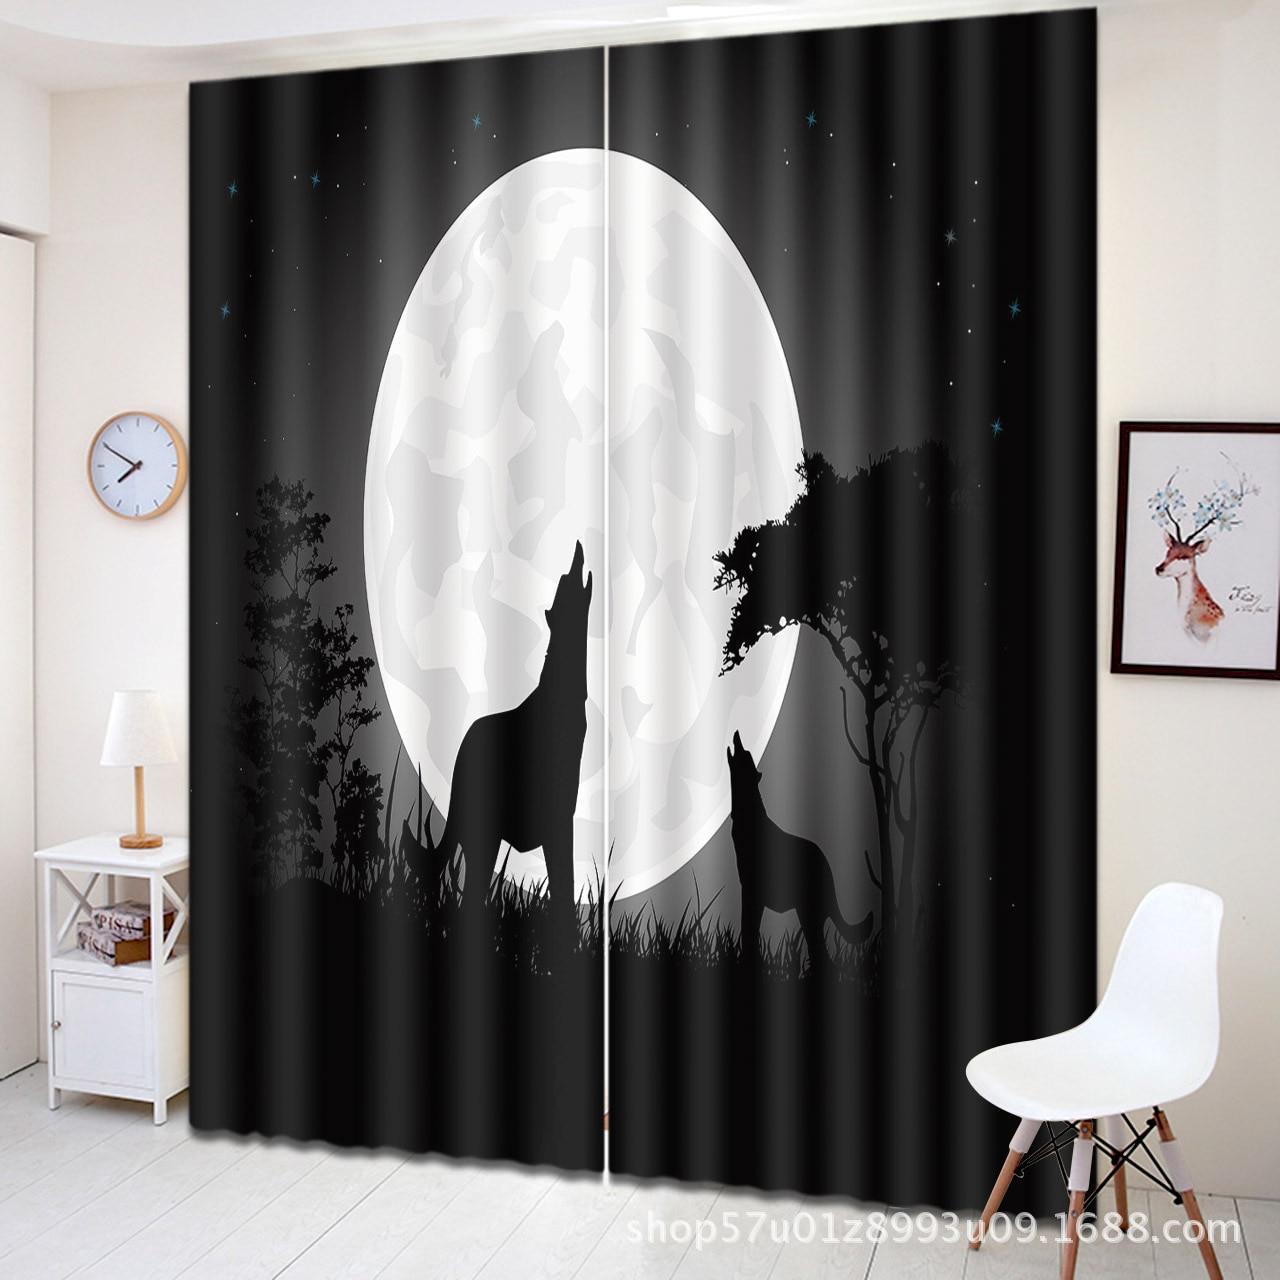 Le loup Totem 3D imprimé fond rideaux pour chambre salon Halloween fenêtre décoration occultant fenêtre lumière ombre